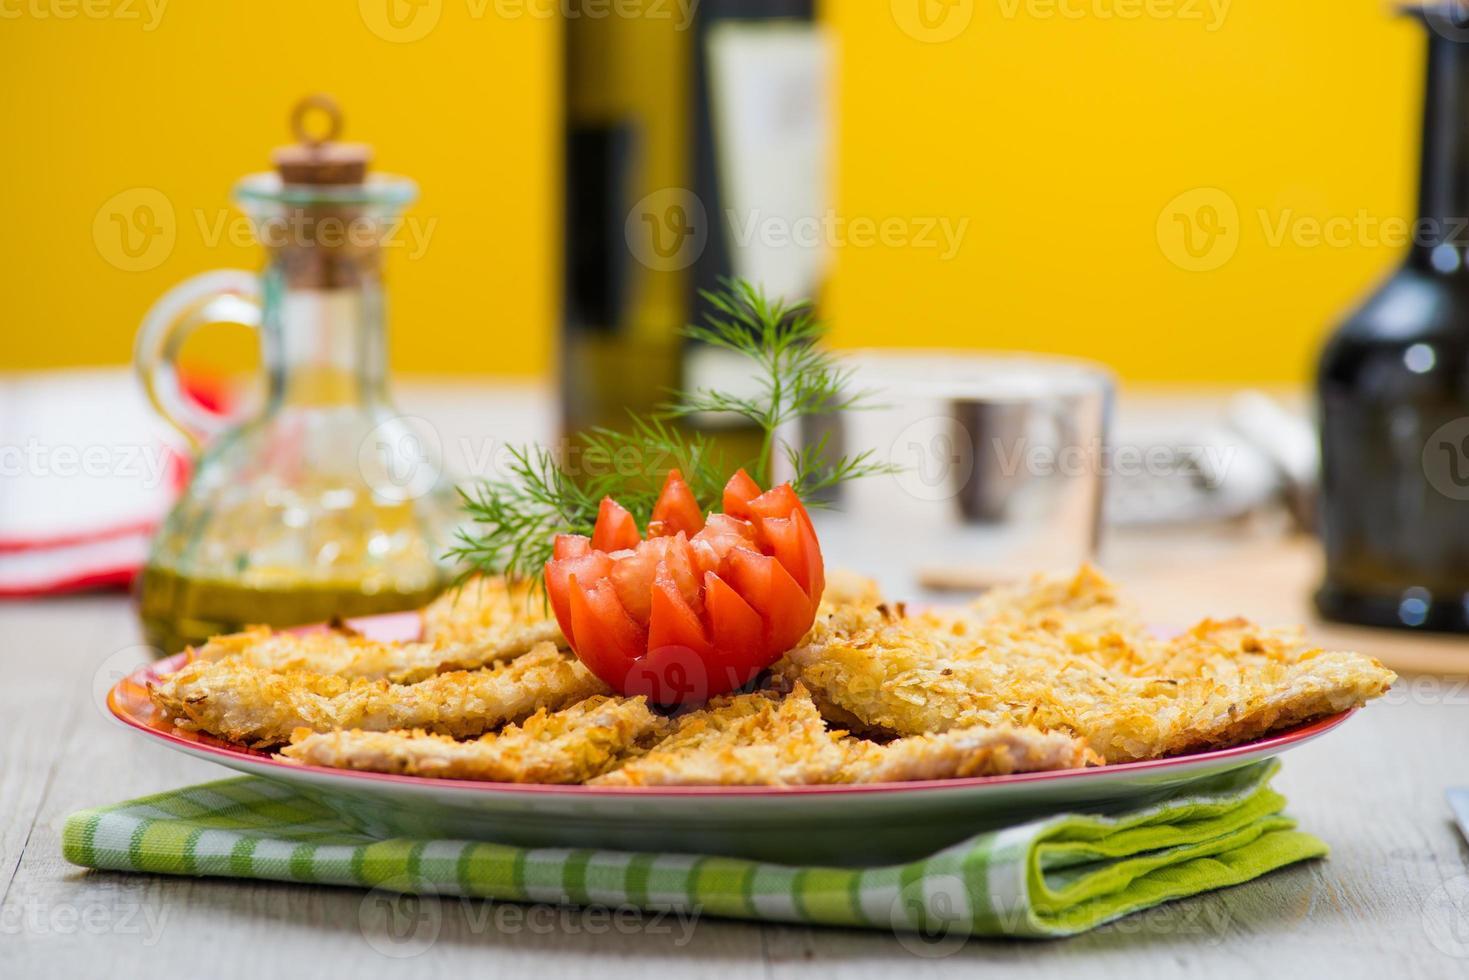 petto di pollo impanato con patatine fritte foto